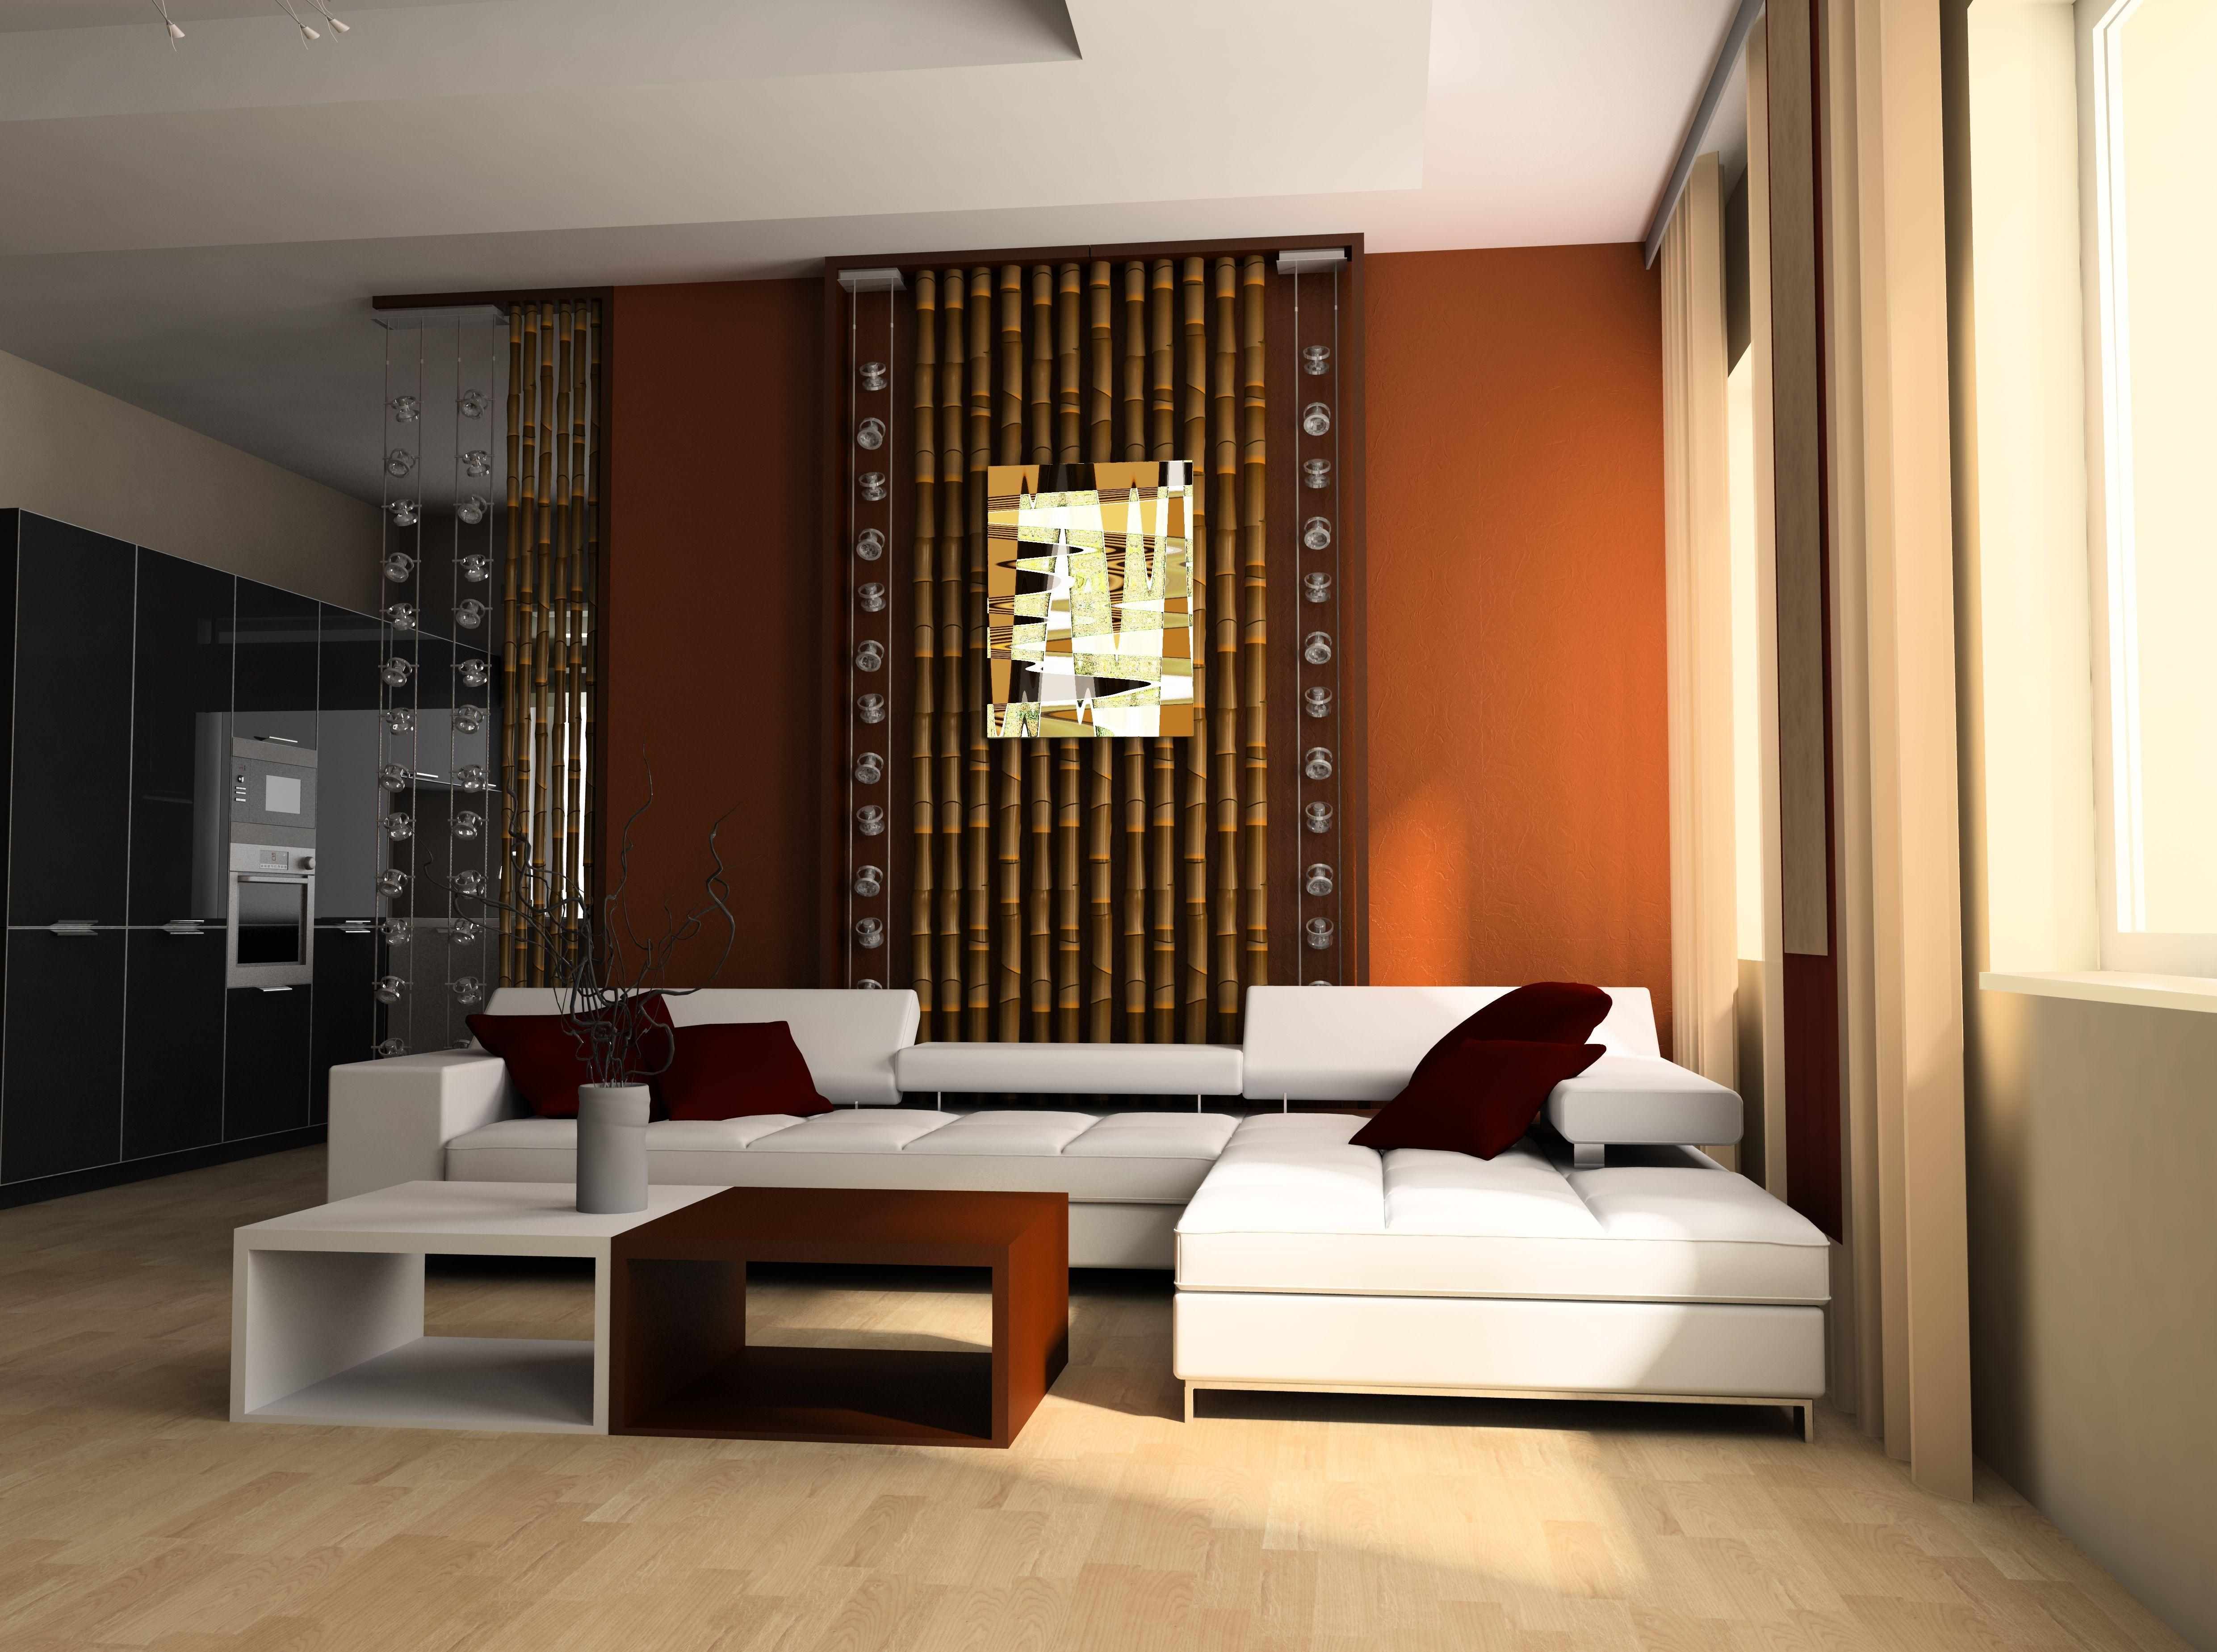 decoración-con-guadua-en-interiores.jpg